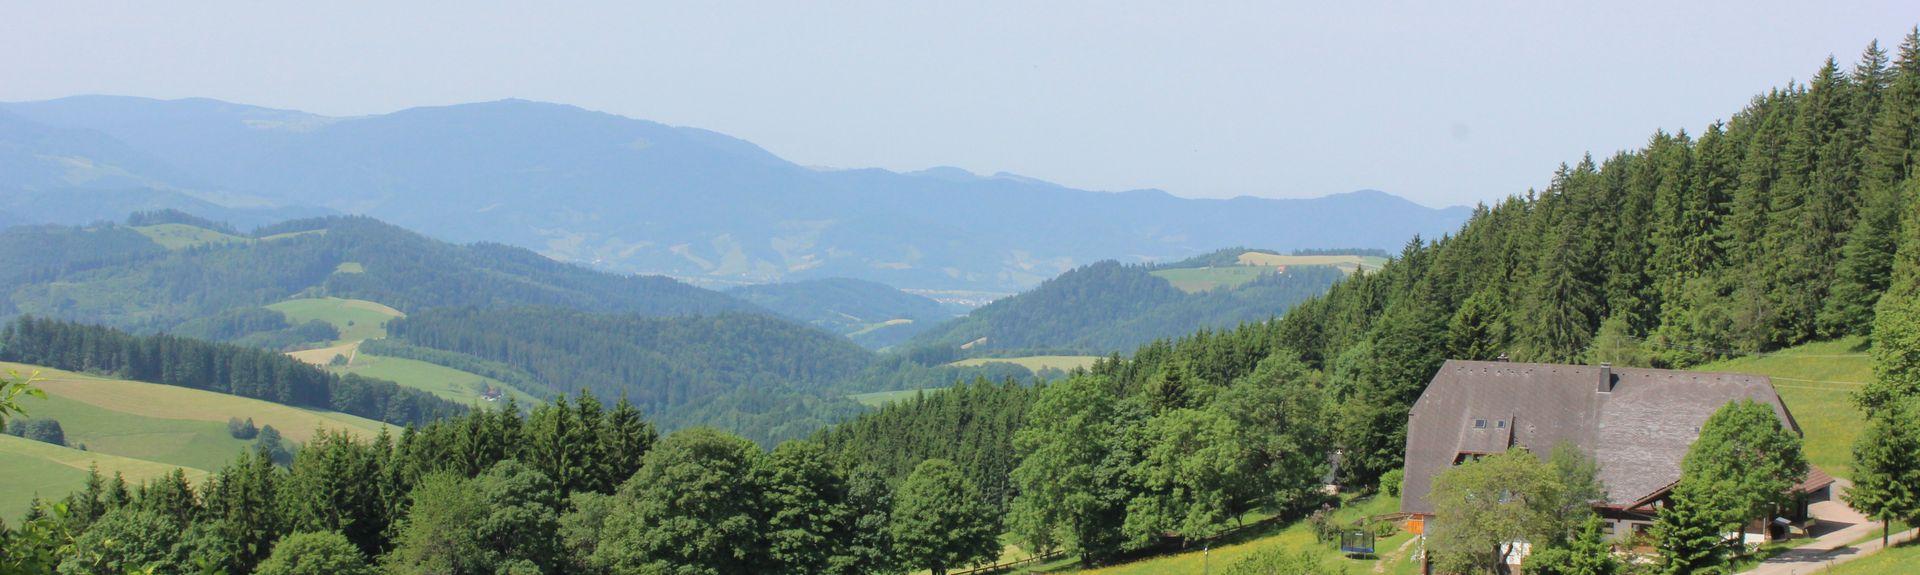 Partie méridionale de la Forêt-Noire, Bade-Wurtemberg, Allemagne